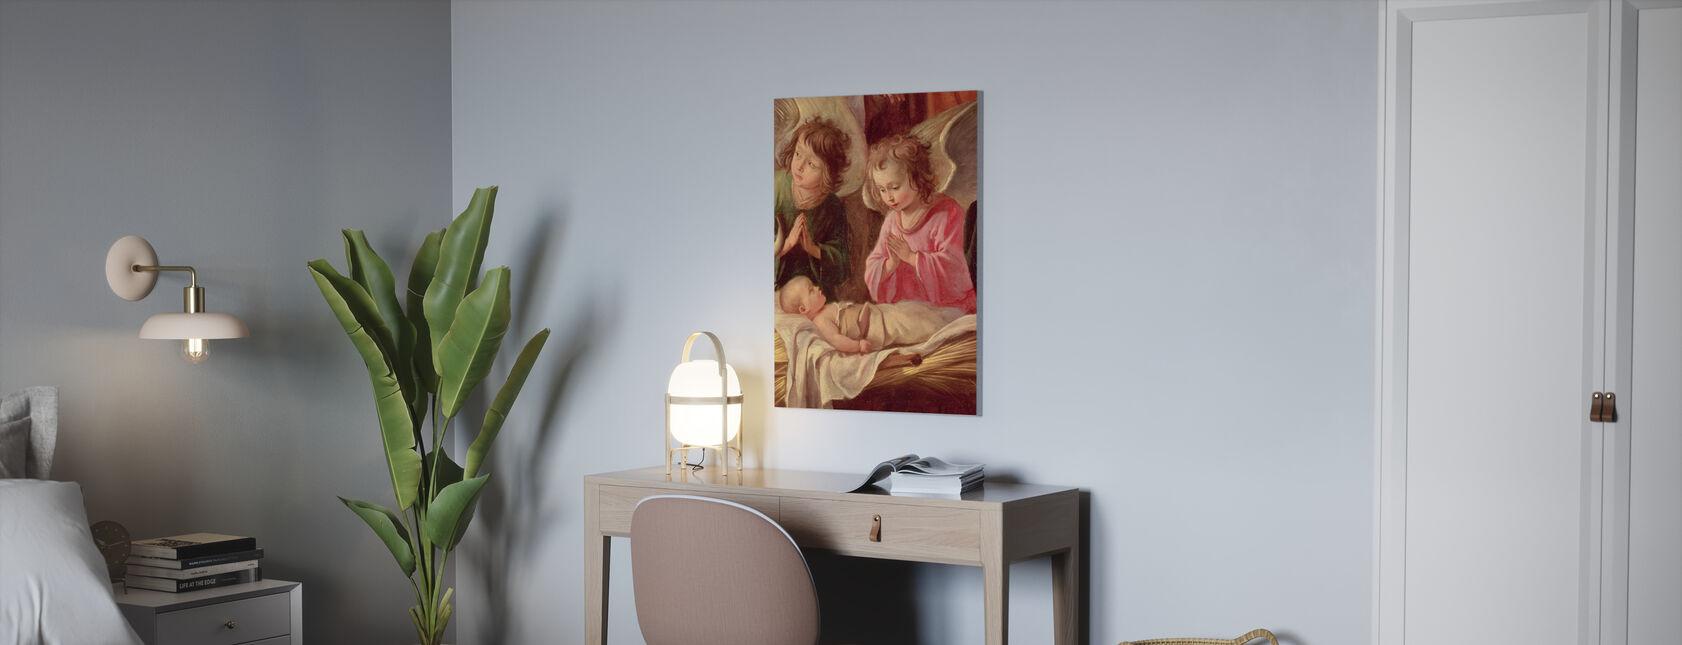 Paimenten ihailusta - Antoine Le Nai - Canvastaulu - Toimisto